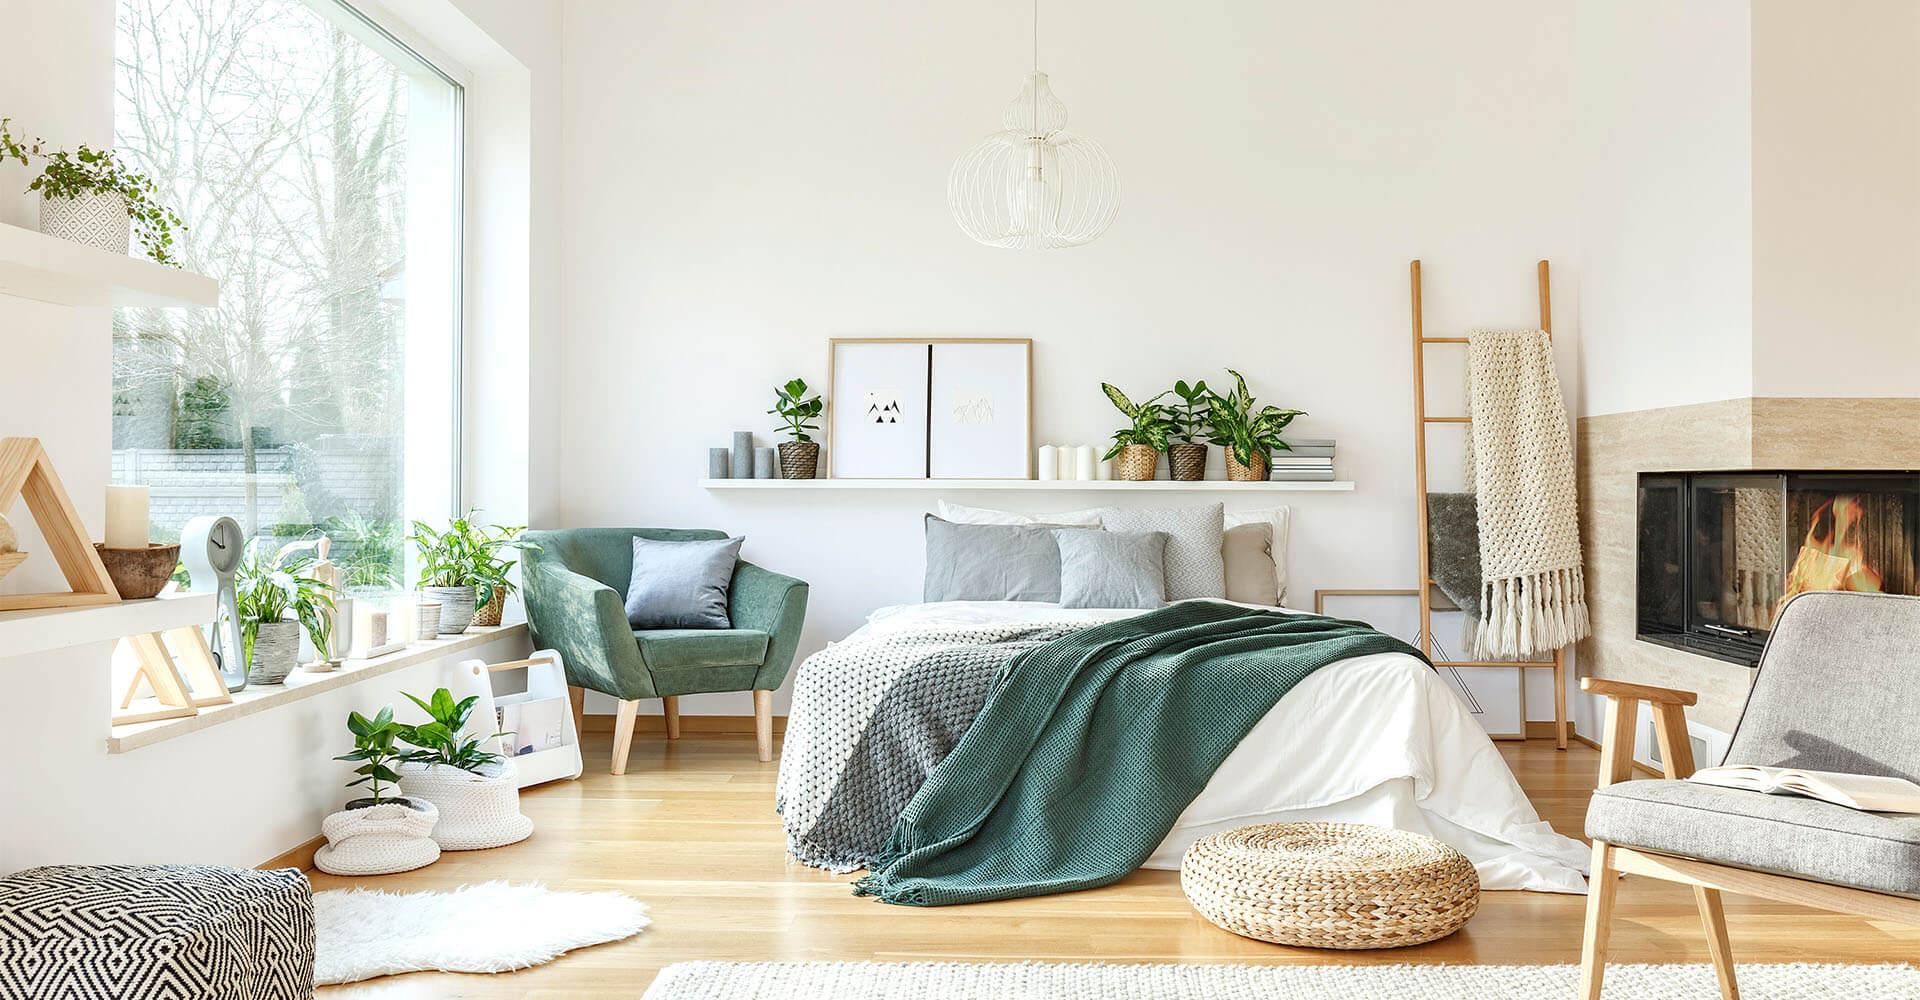 Schlafzimmer gemütlich gestalten - Erschaffe deine Wohlfühl-Oase!